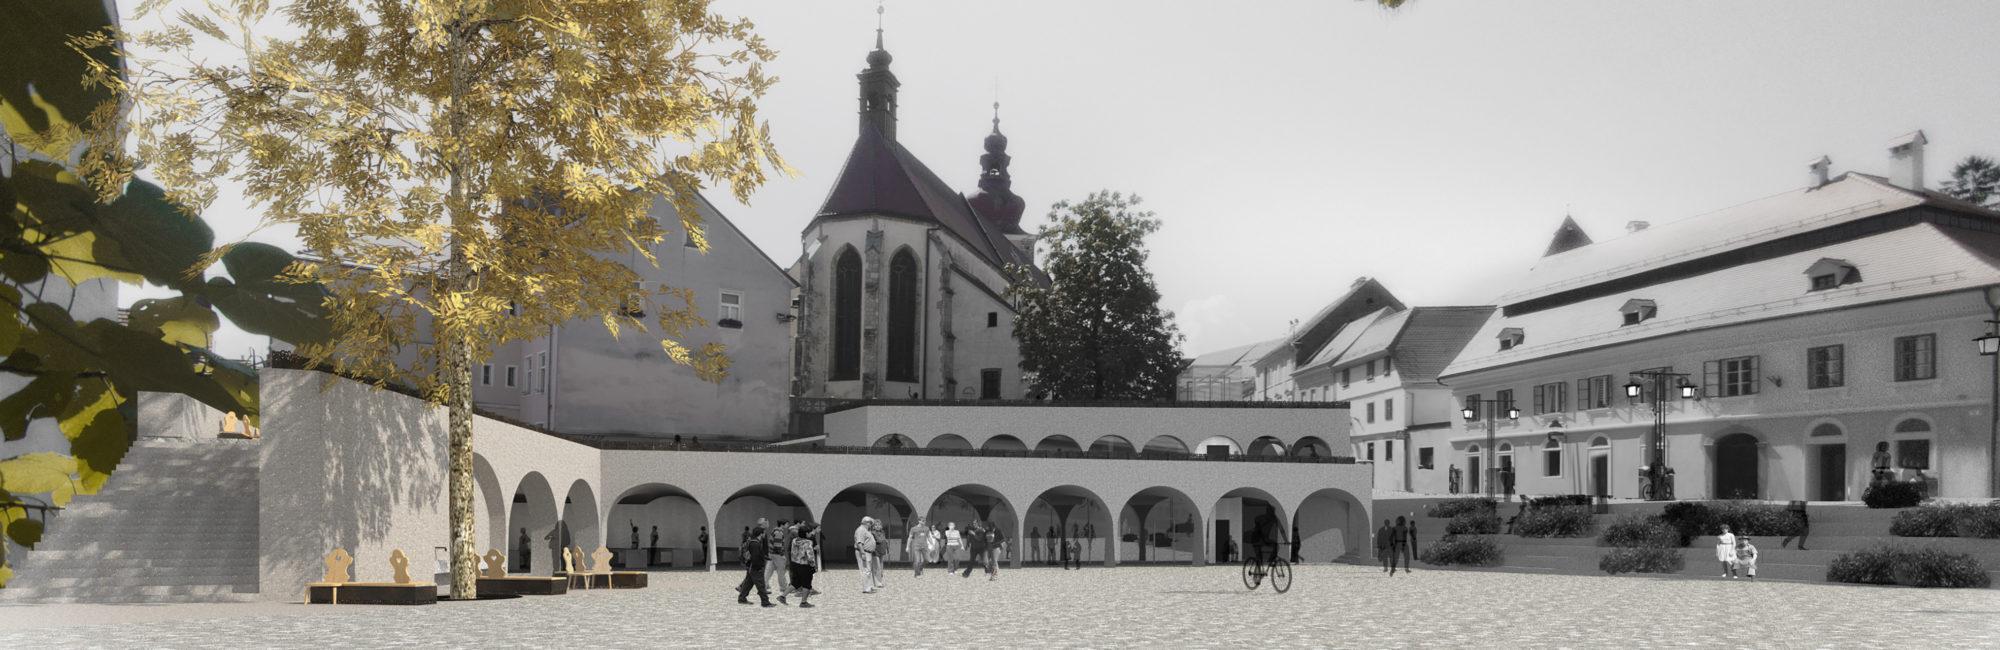 trznica-ptuj-_-idz-v4-landscape